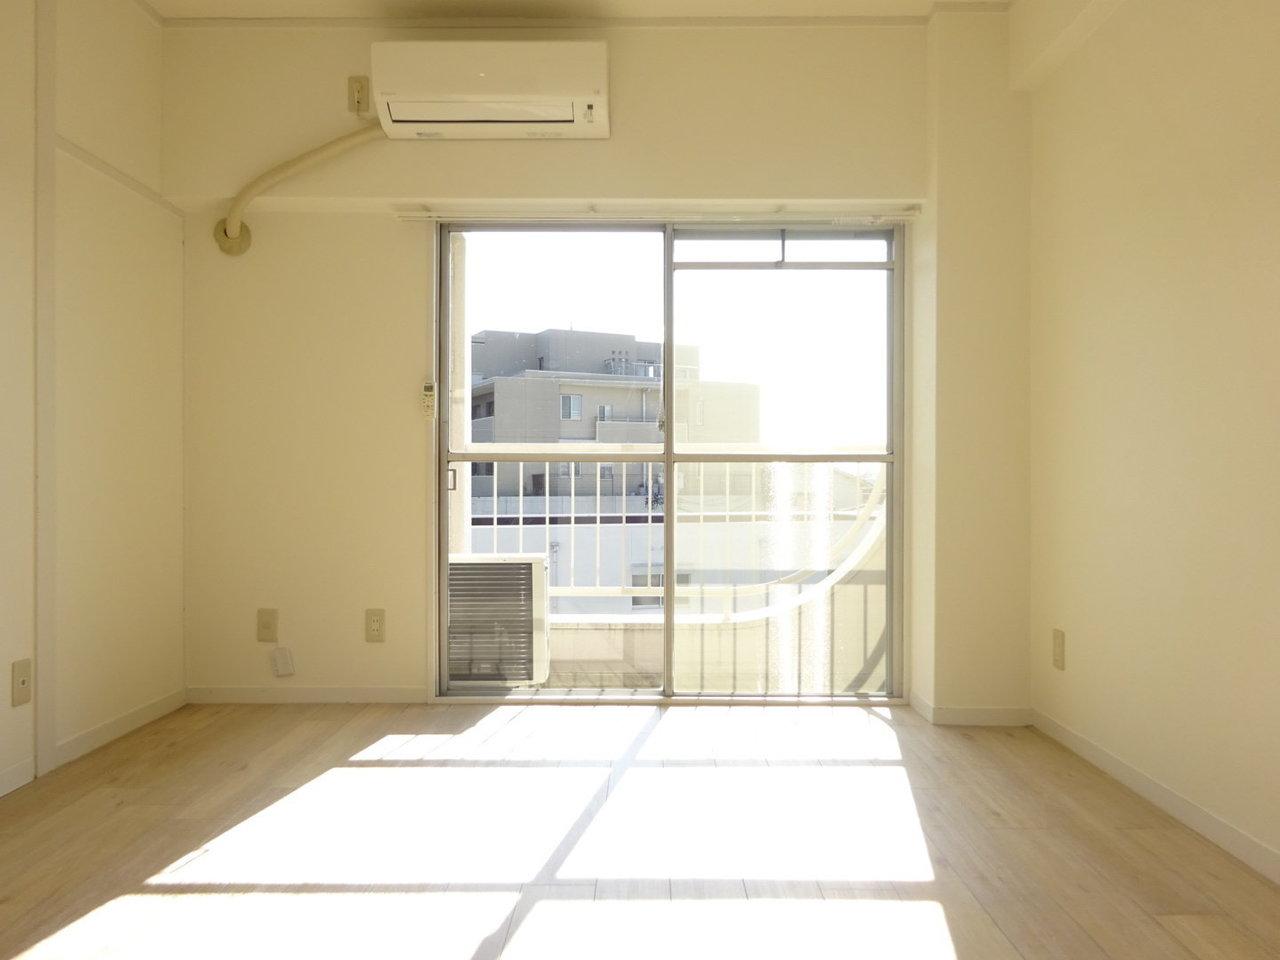 昭和レトロの外観の建物の中に入って、最上階の4階へ。リノベーション工事が終わったばかりの南向きのお部屋です。